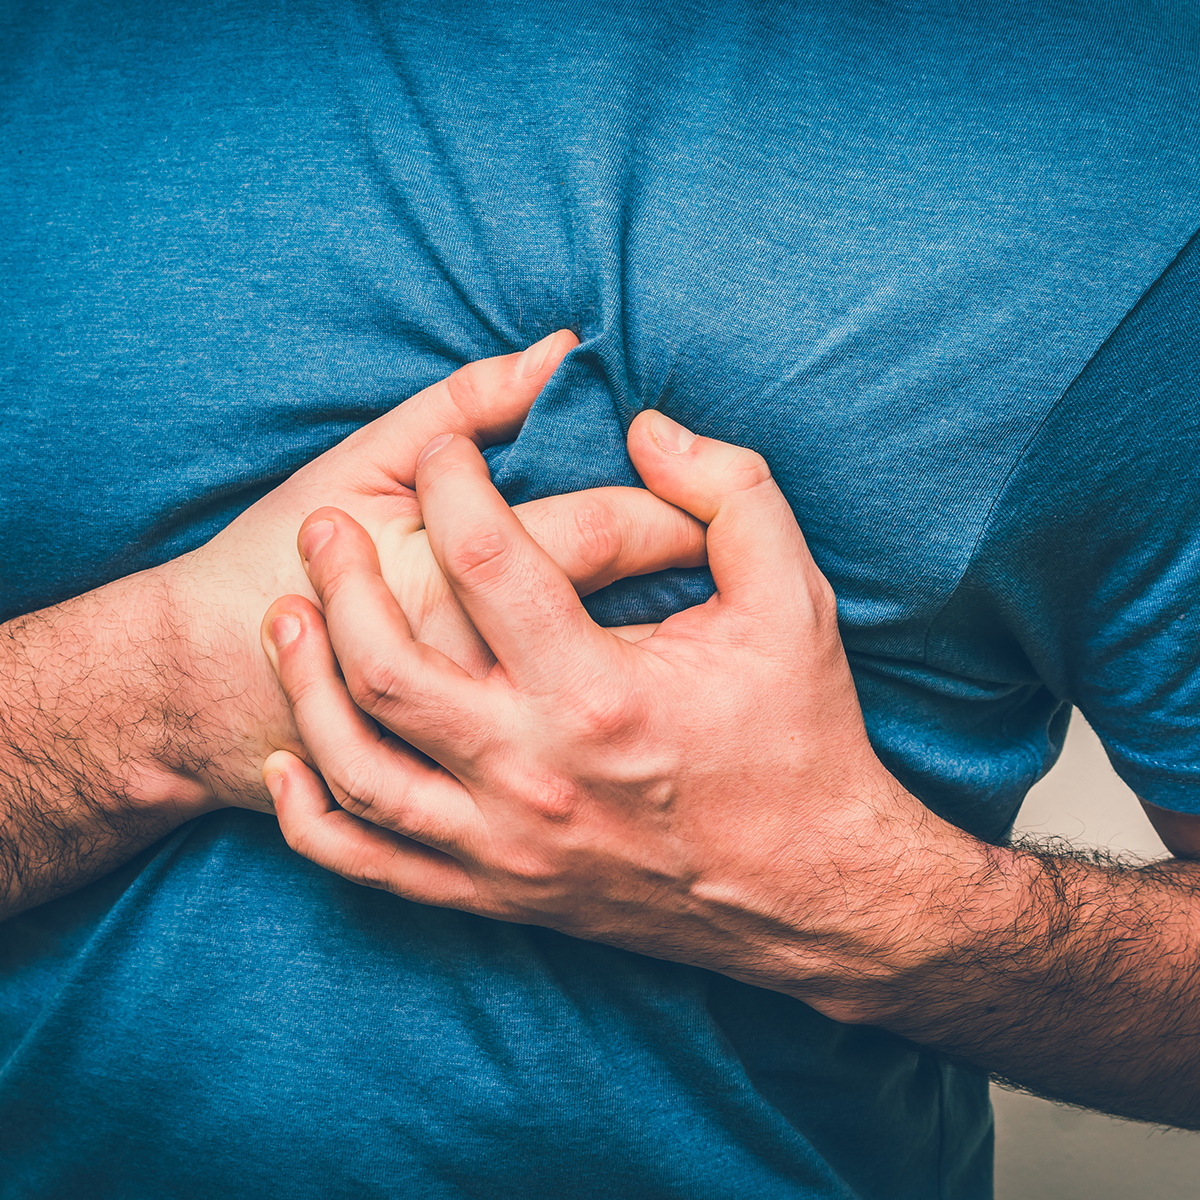 Названы 5 привычек, повышающих риск сердечного приступа